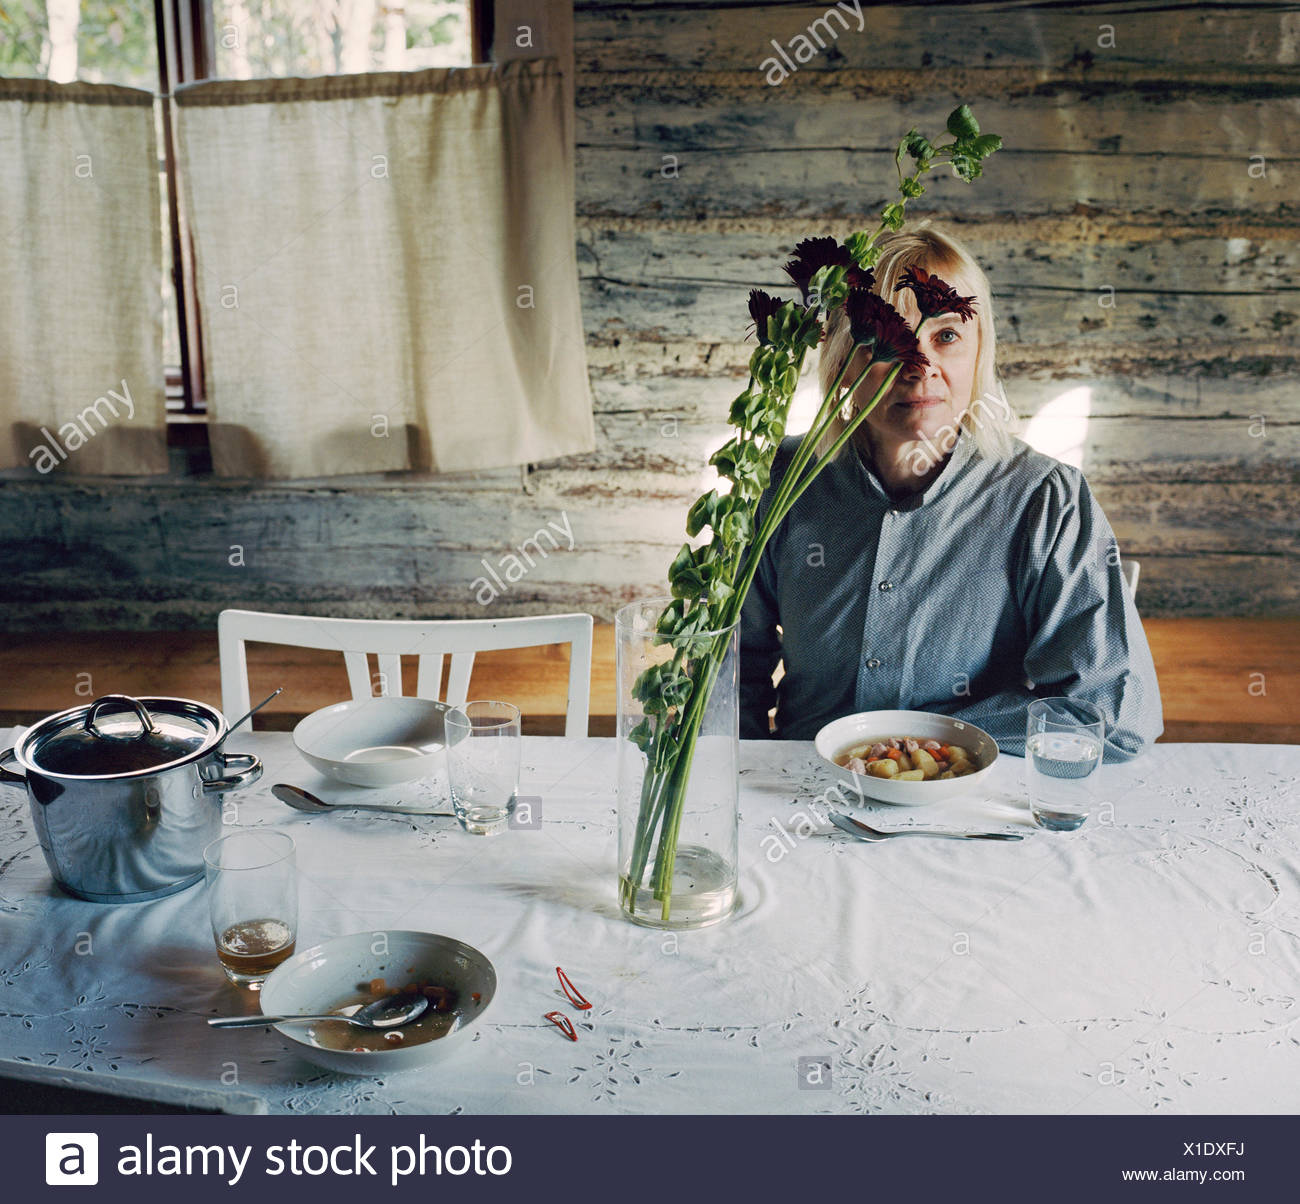 Finlandia, Madura mujer sentada en la mesa Imagen De Stock